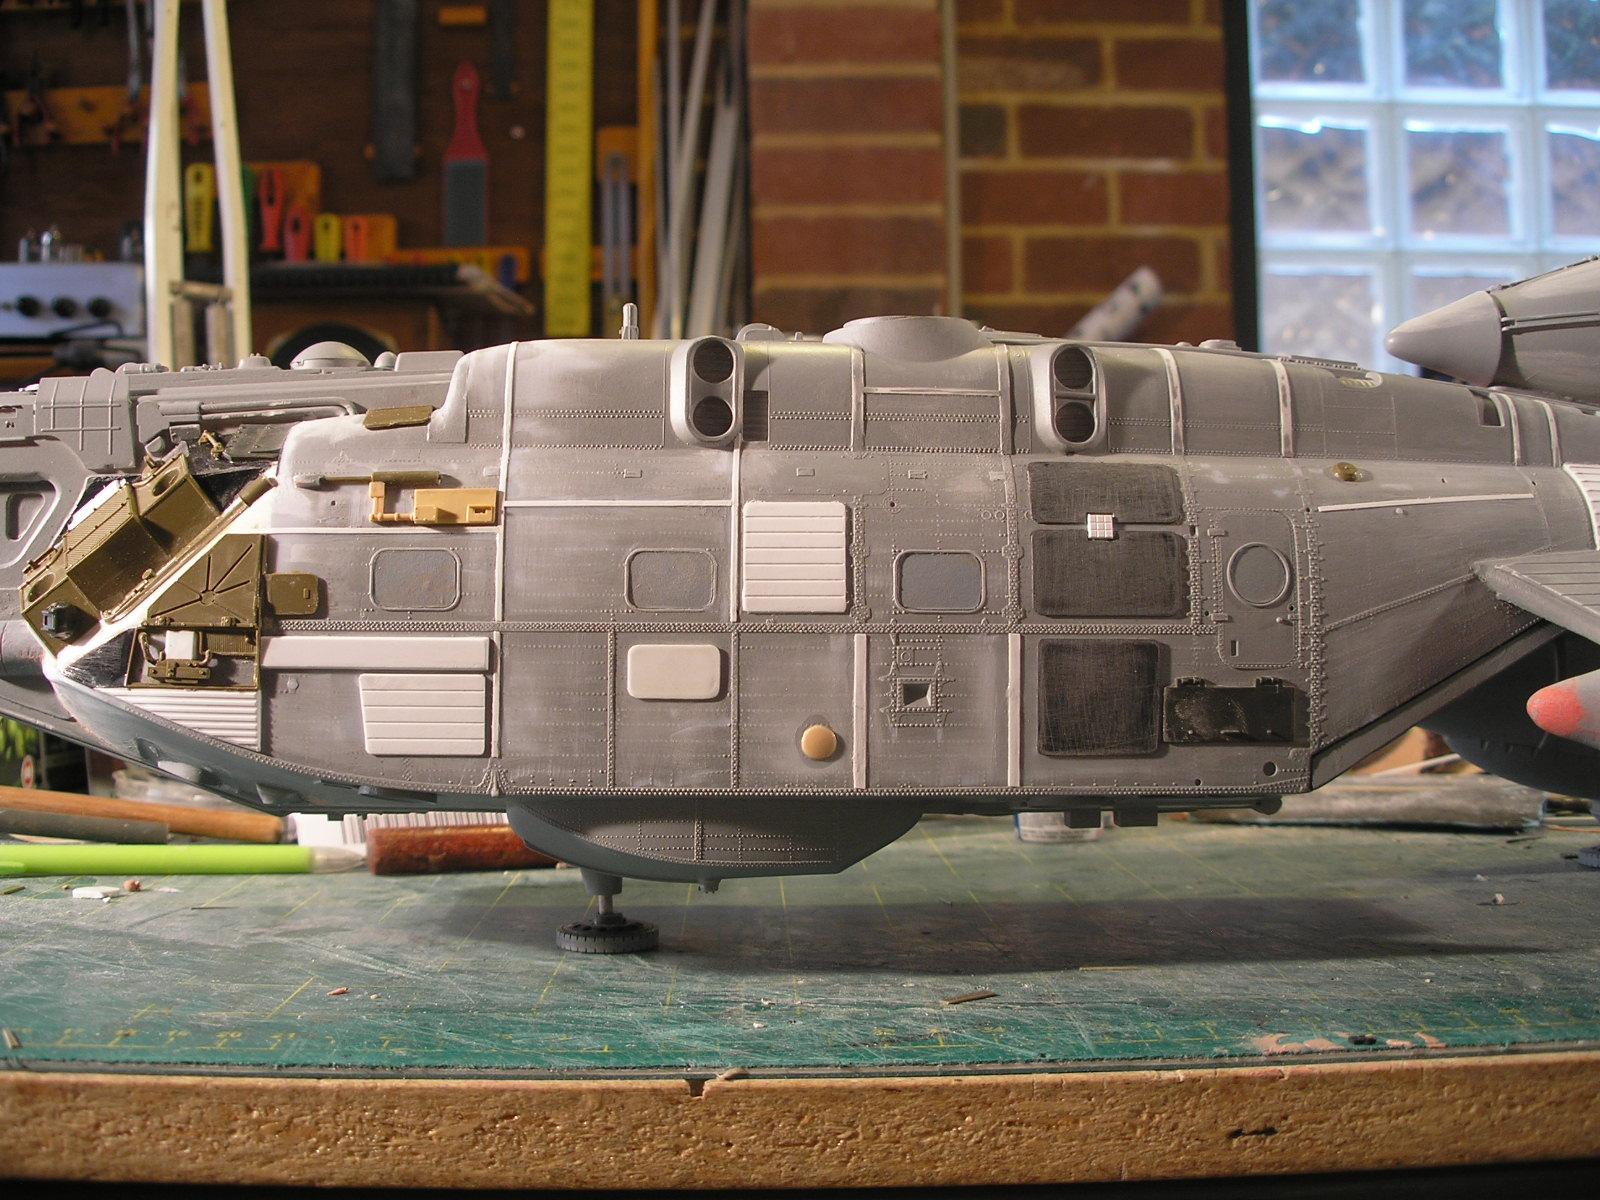 Rc Sci Fi Kit Bash Shuttlecraft Part 4